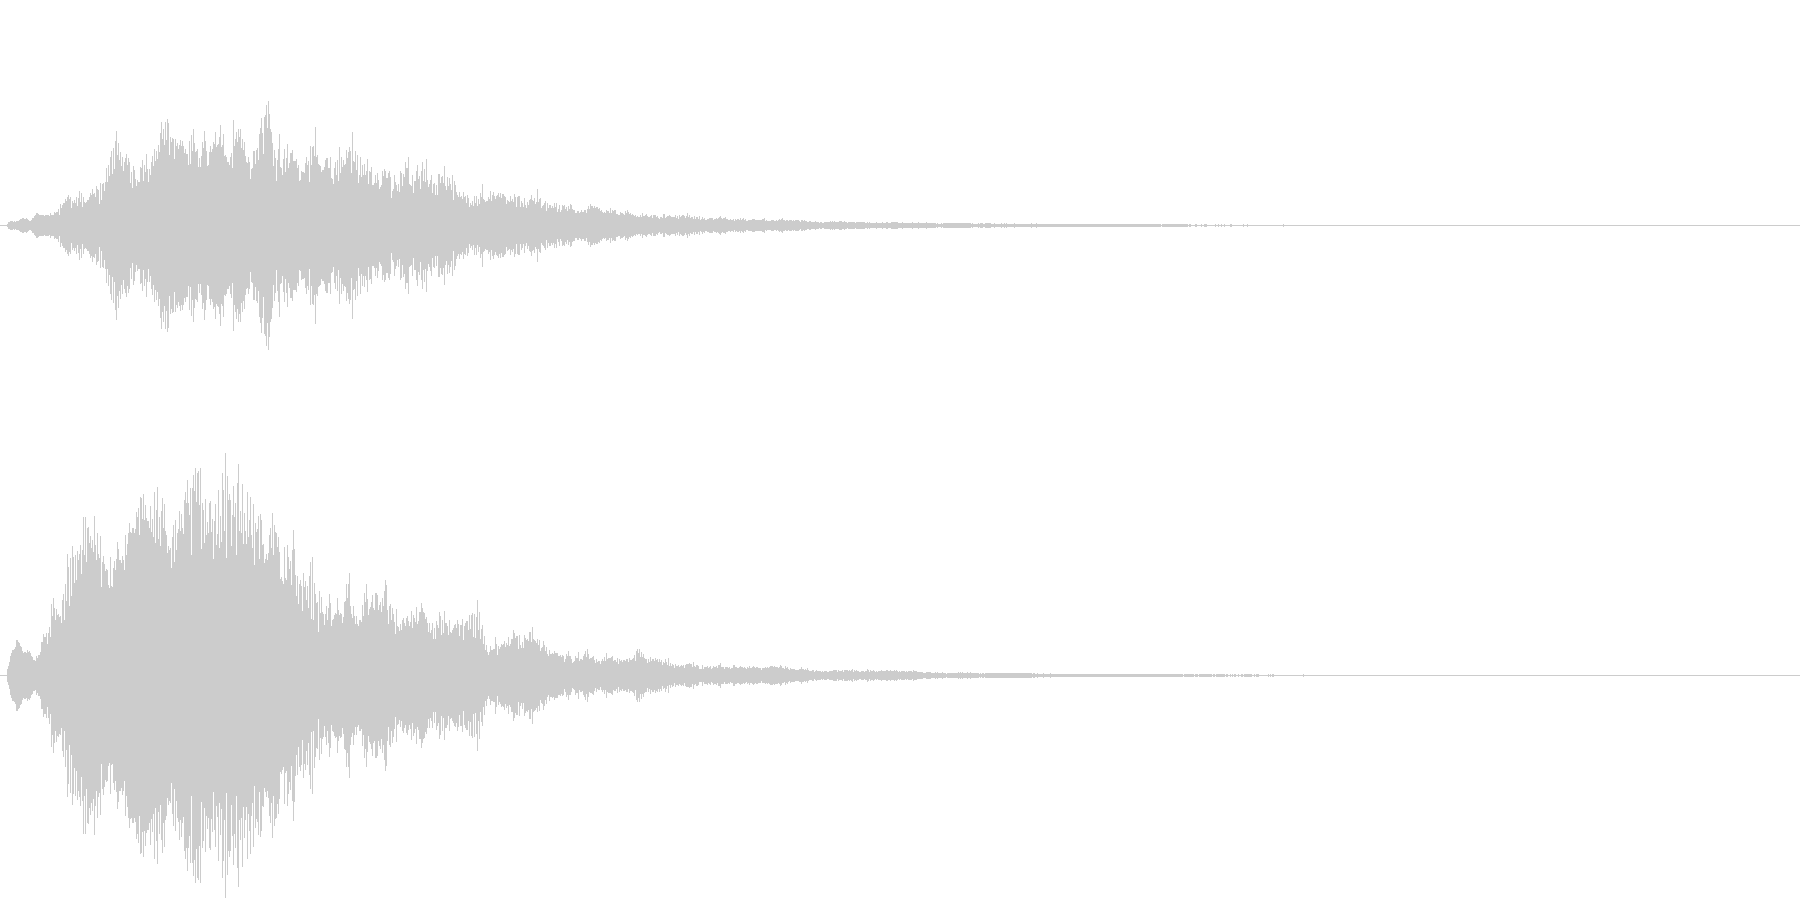 サウンドロゴ・起動時の効果音(シンプル)の未再生の波形